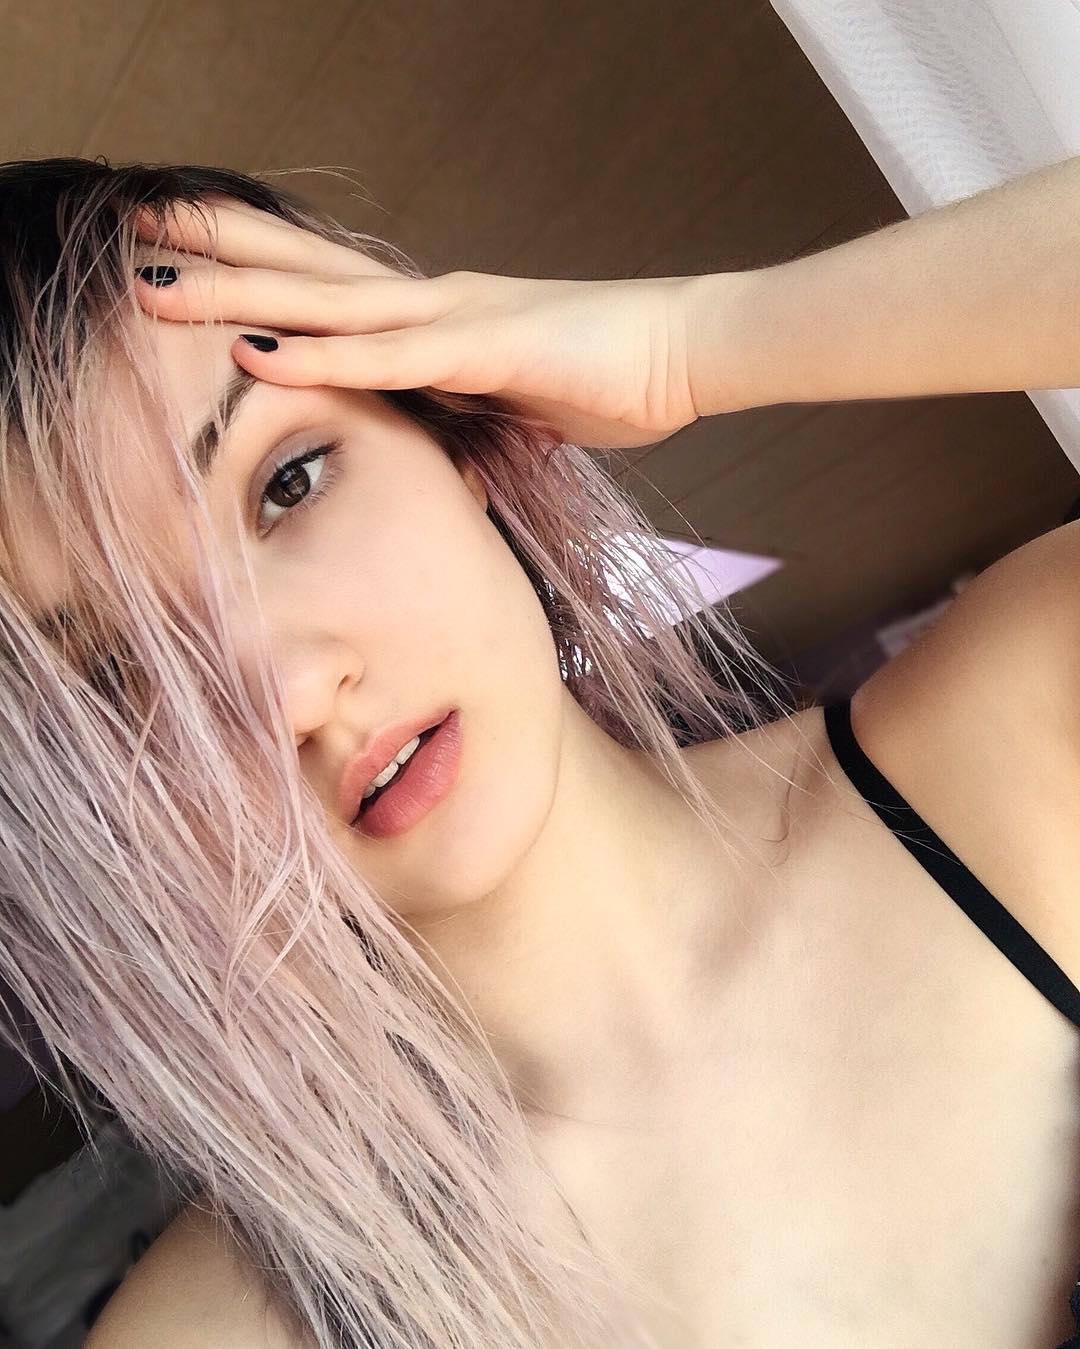 Cabelo-molhado-Idéias-fáceis-para-estilizar-o-cabelo-de-maneira-moderna